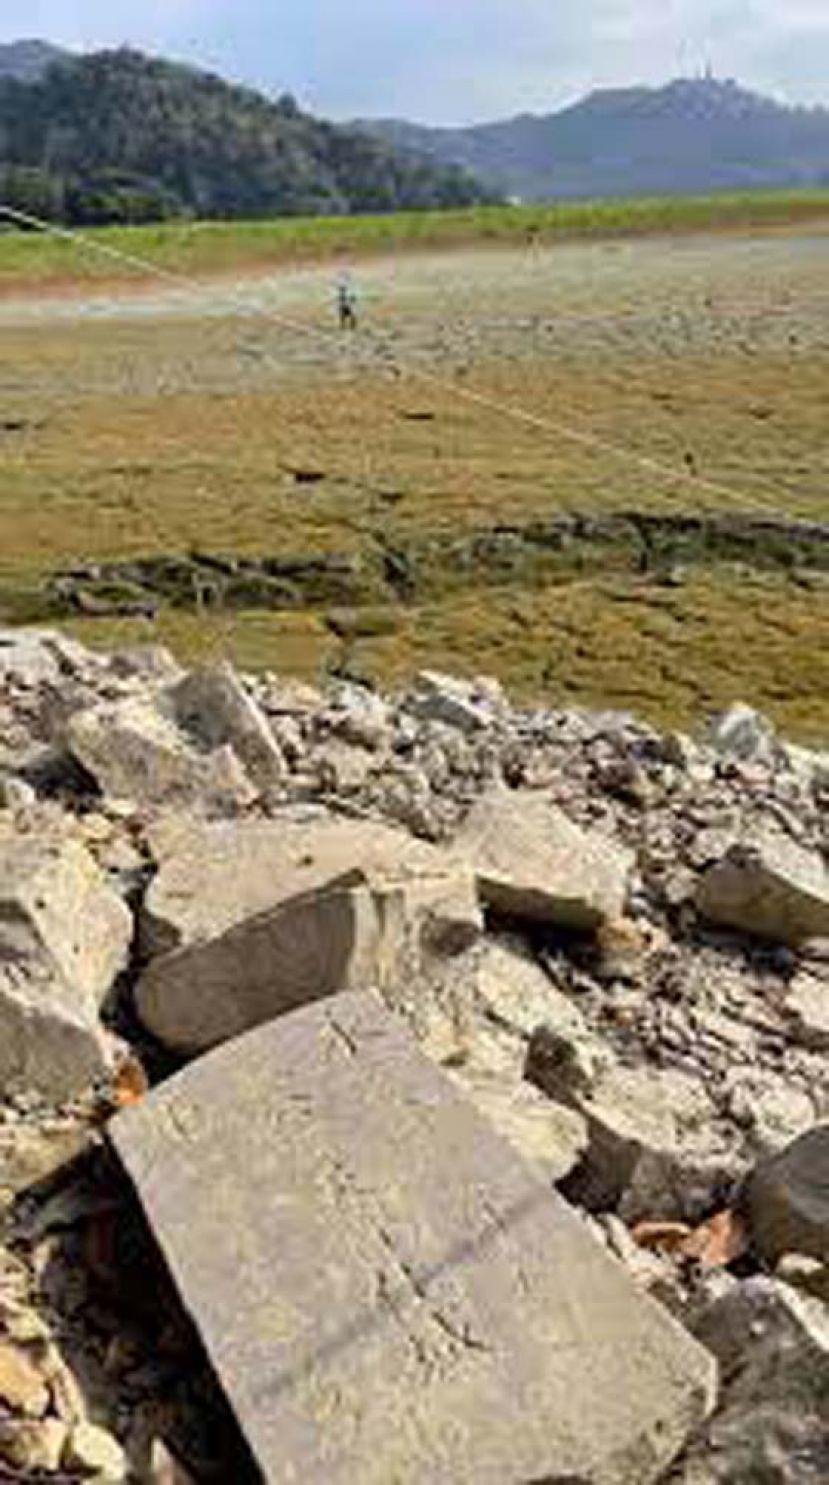 日月潭水位干涸一大半 疑似乾隆时期墓碑现踪